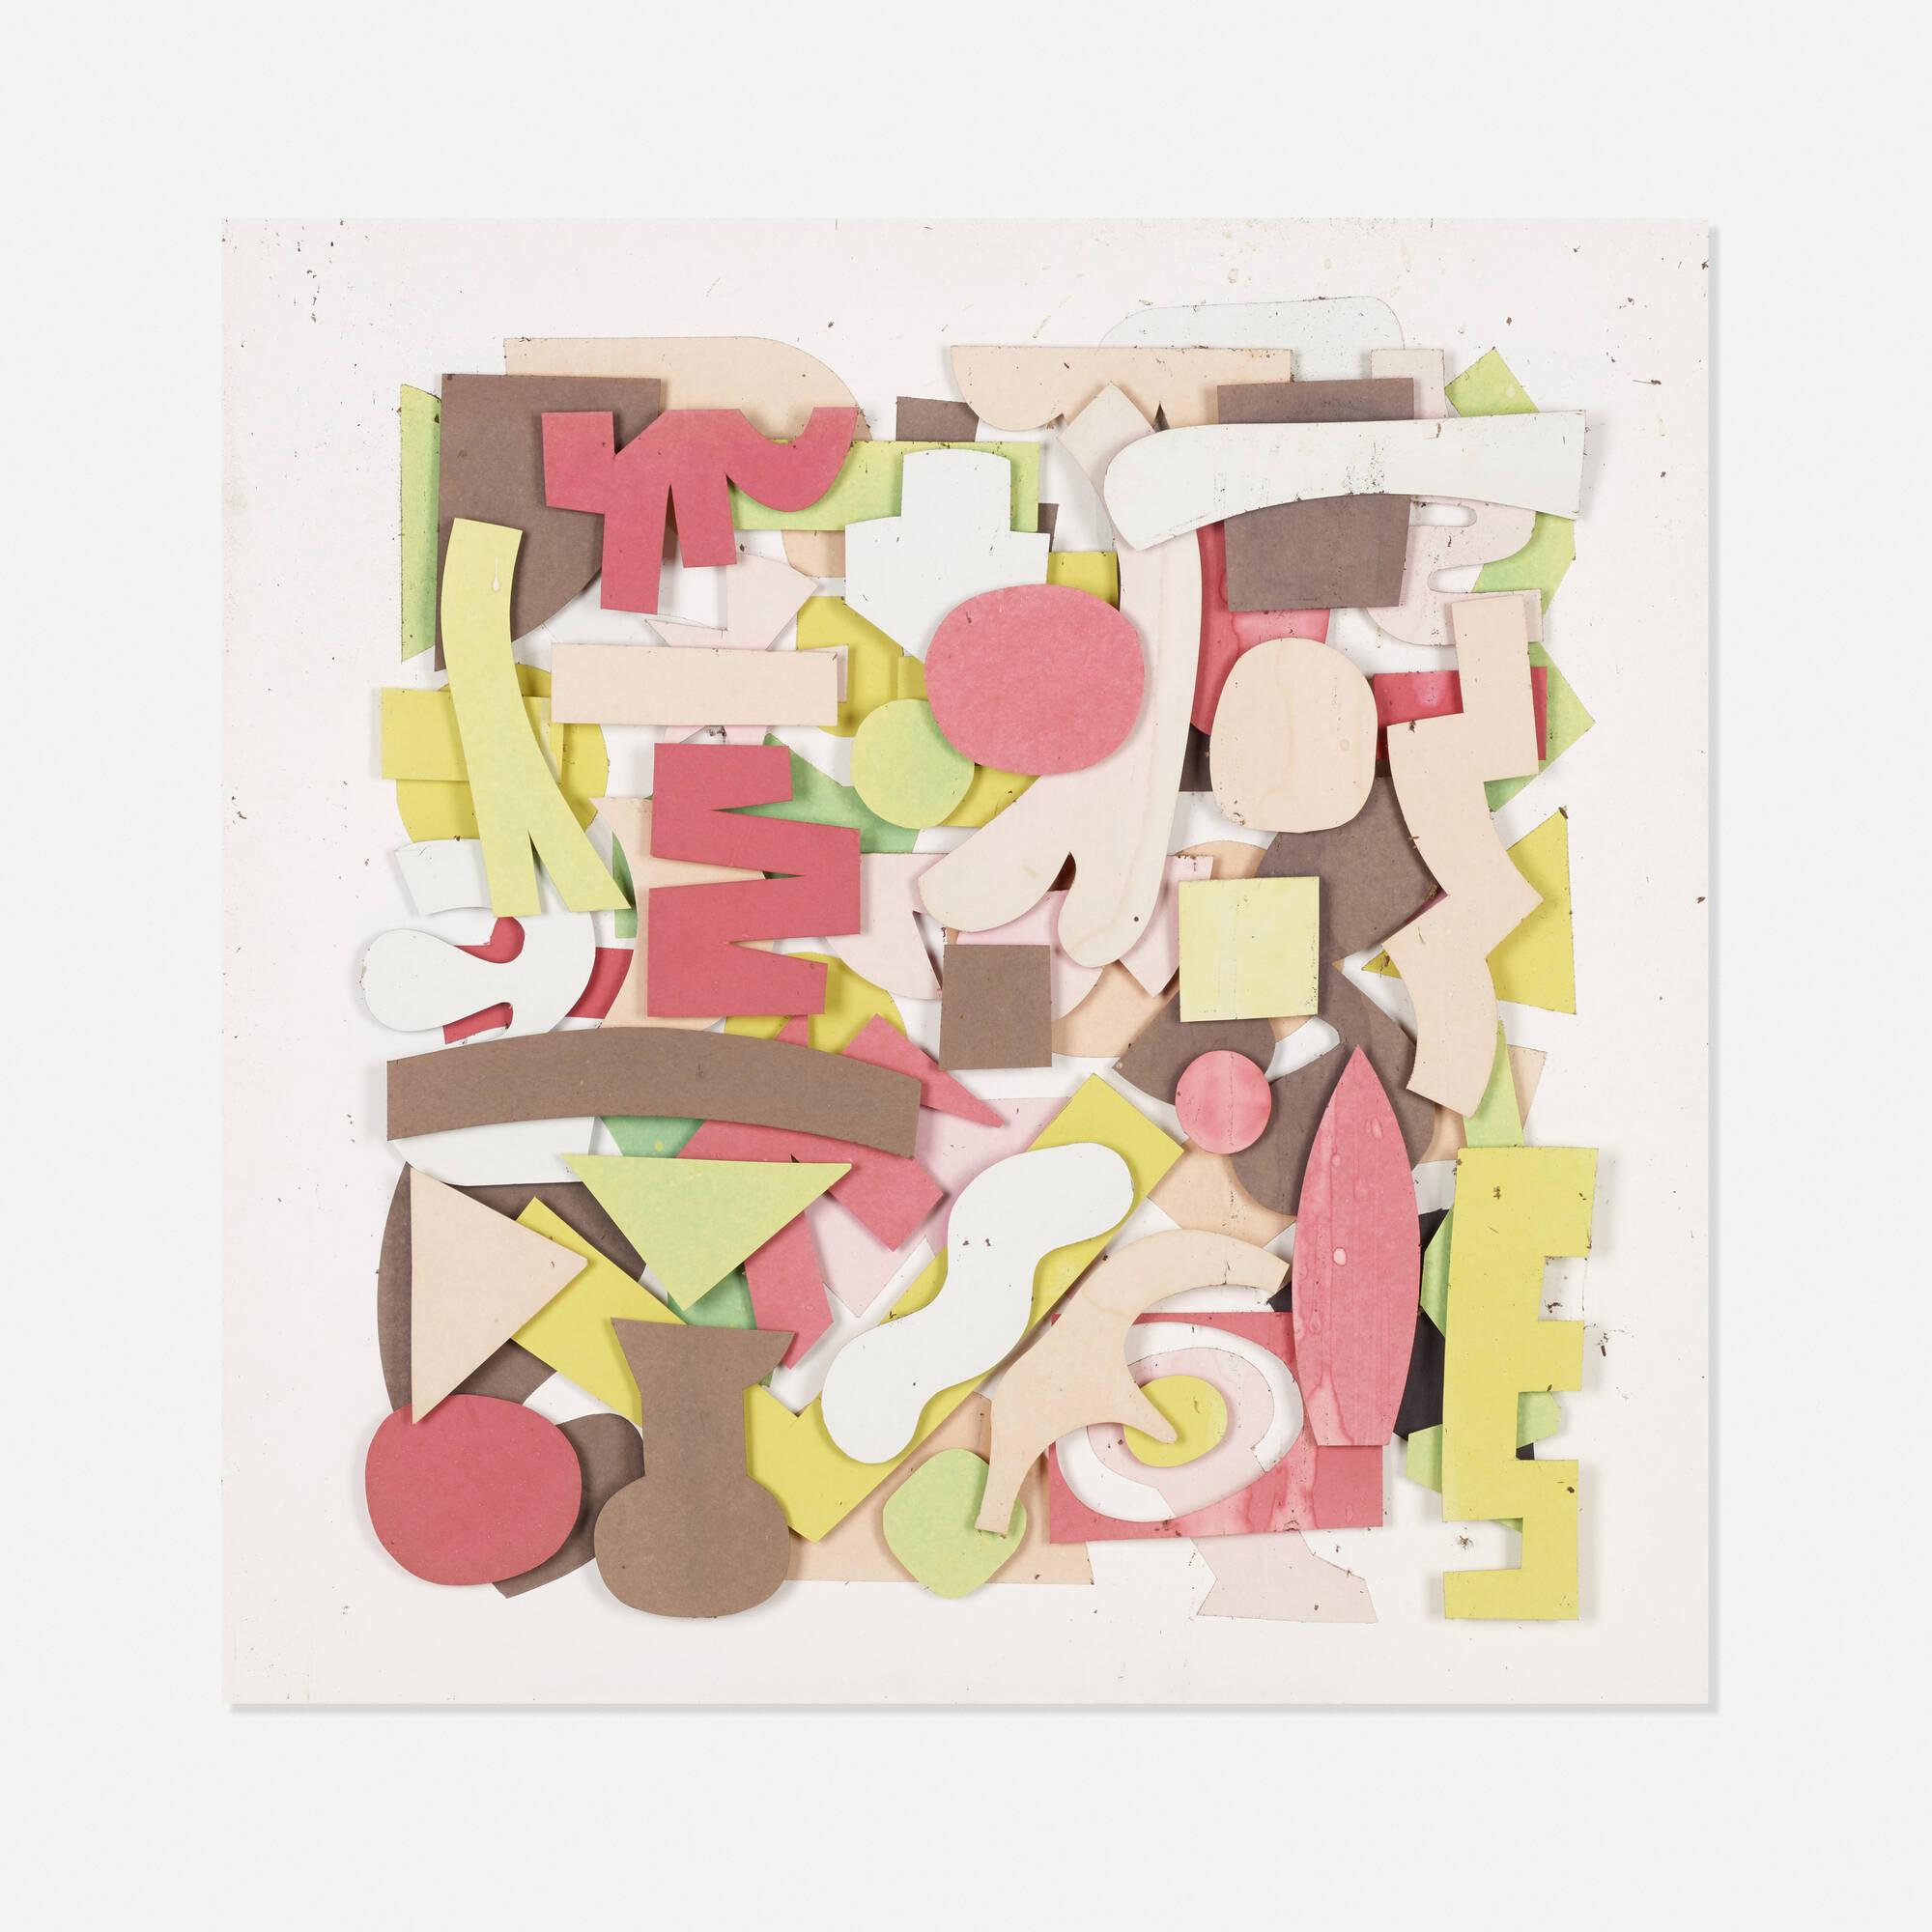 335: Irving Harper / Untitled (1 of 1)